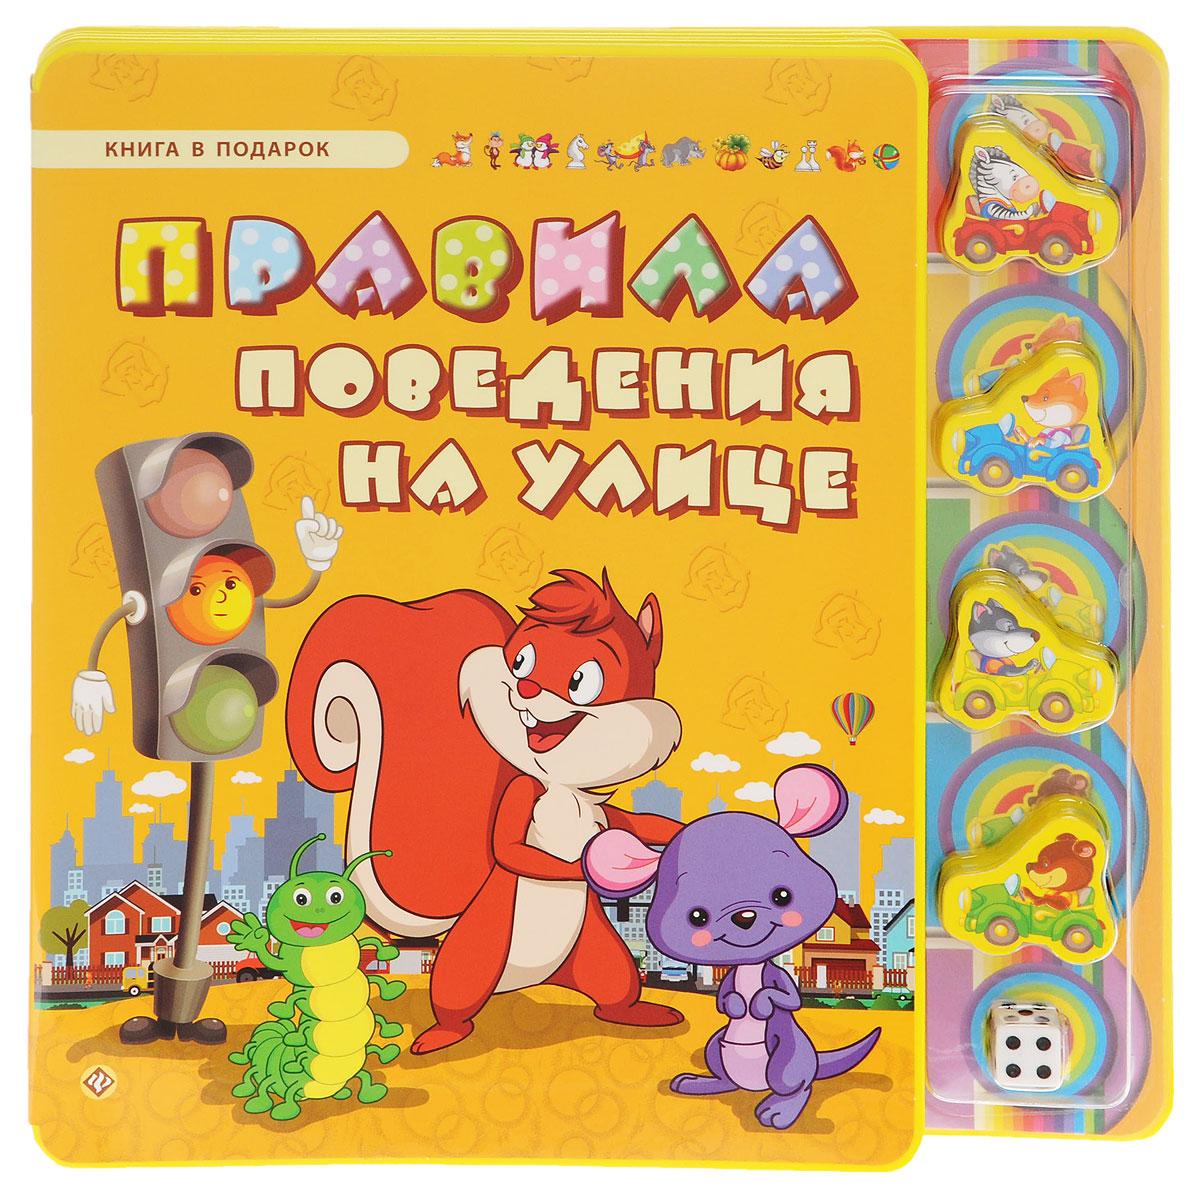 Правила поведения на улице (+ 5 игрушек), С. А. Гордиенко